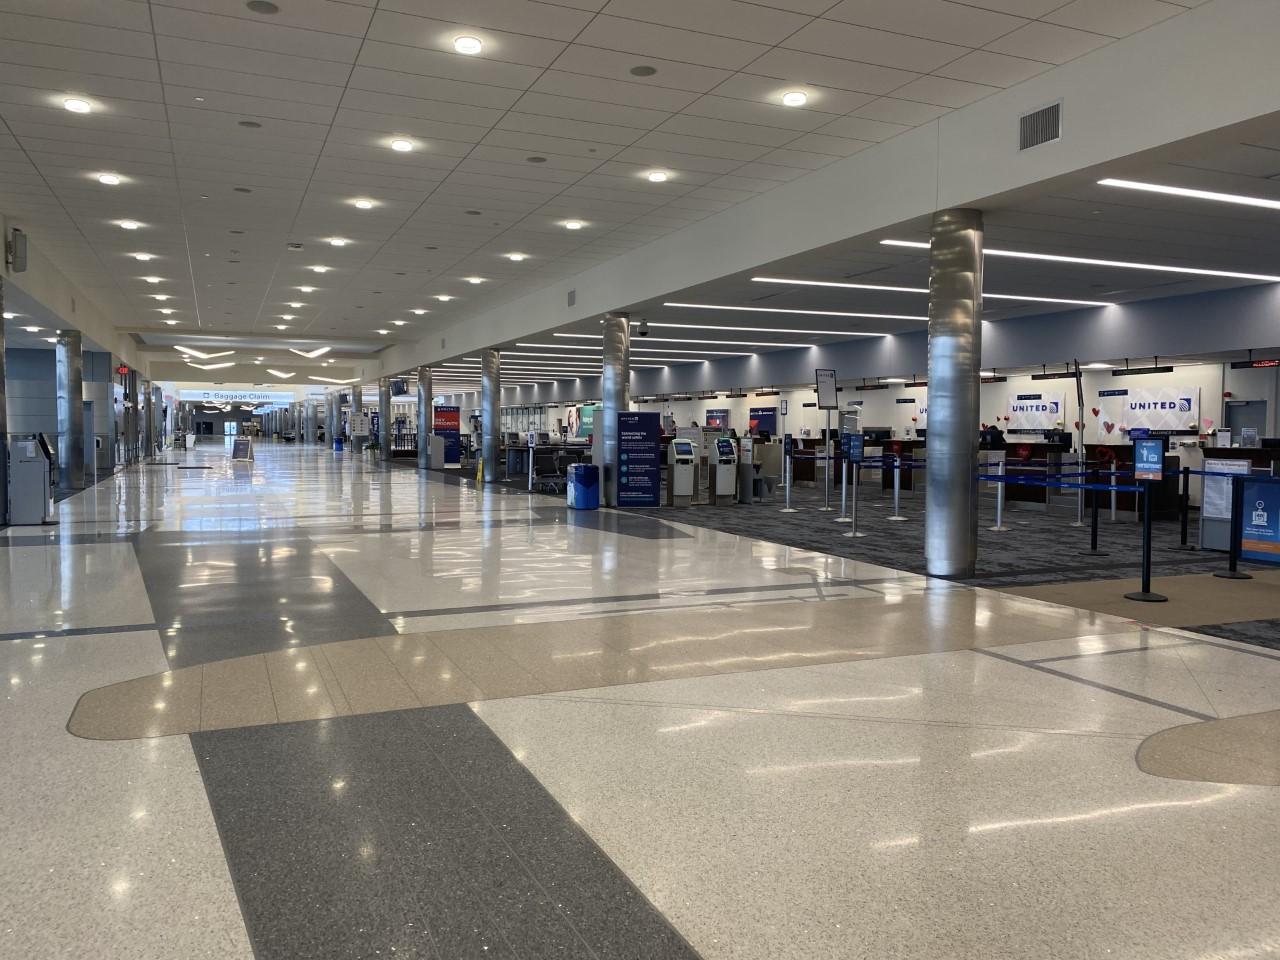 President Biden to impose travel ban on non-U.S. citizens